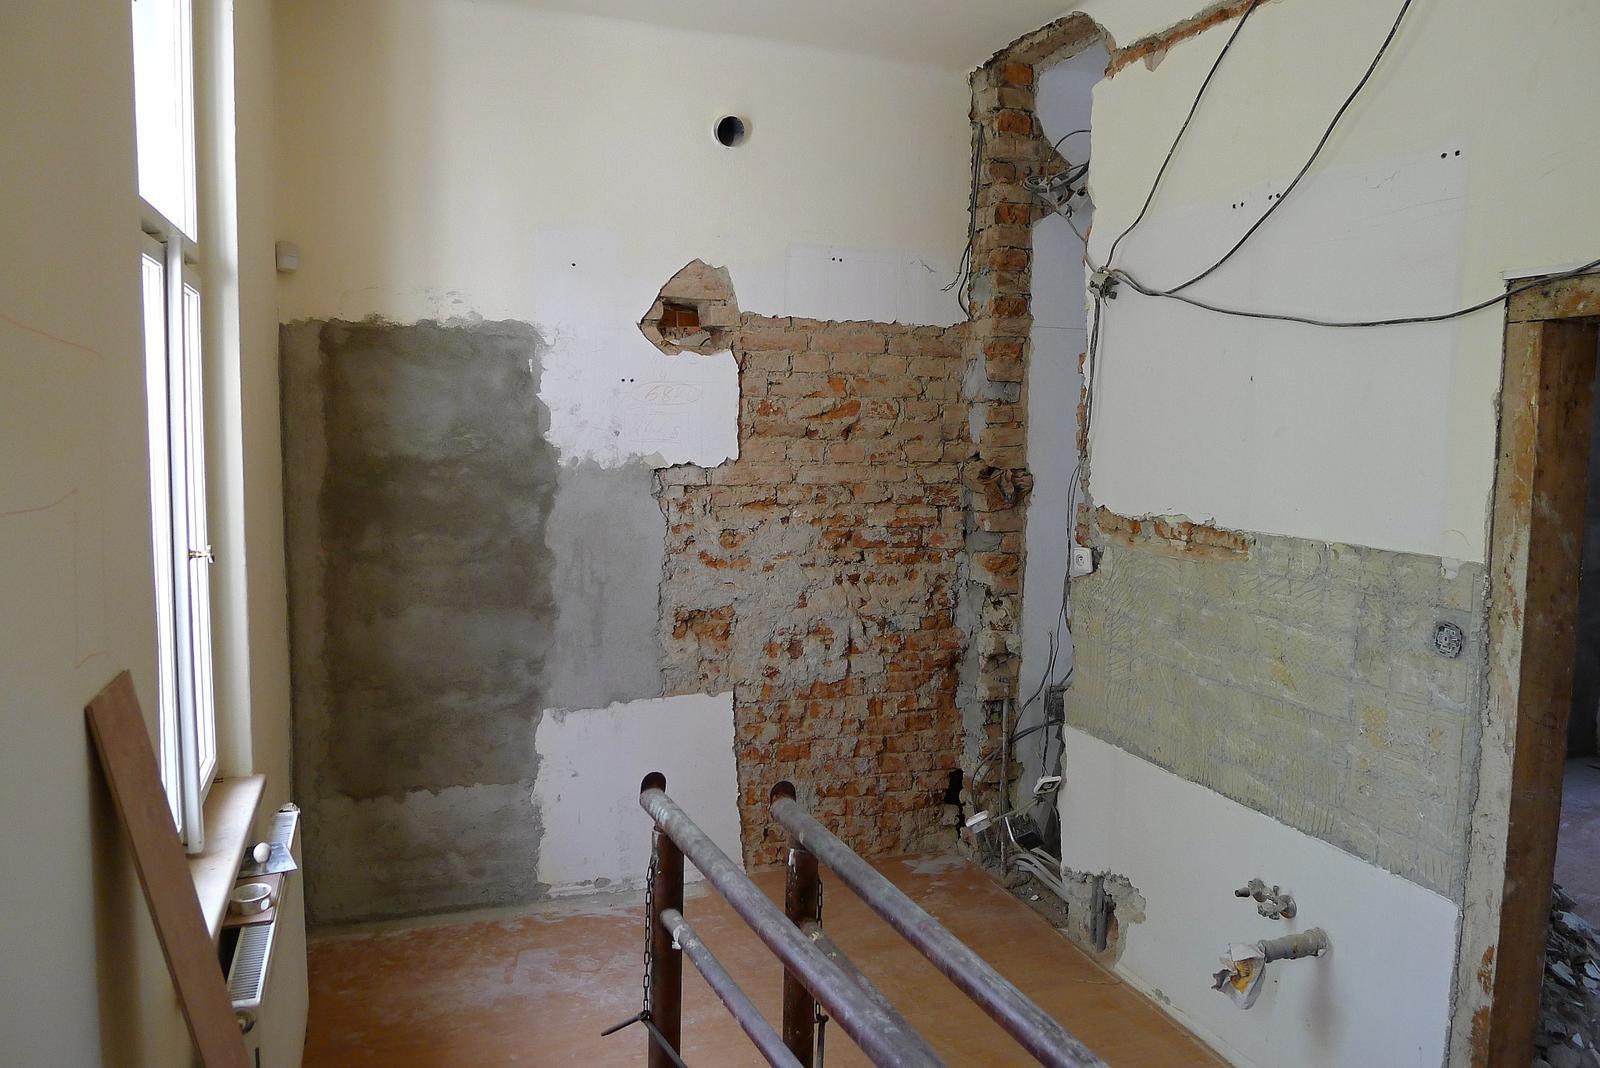 Rekonstrukce našeho domečku - příčka vpravo se zbourá a kuchyň bude propojená s obývací částí